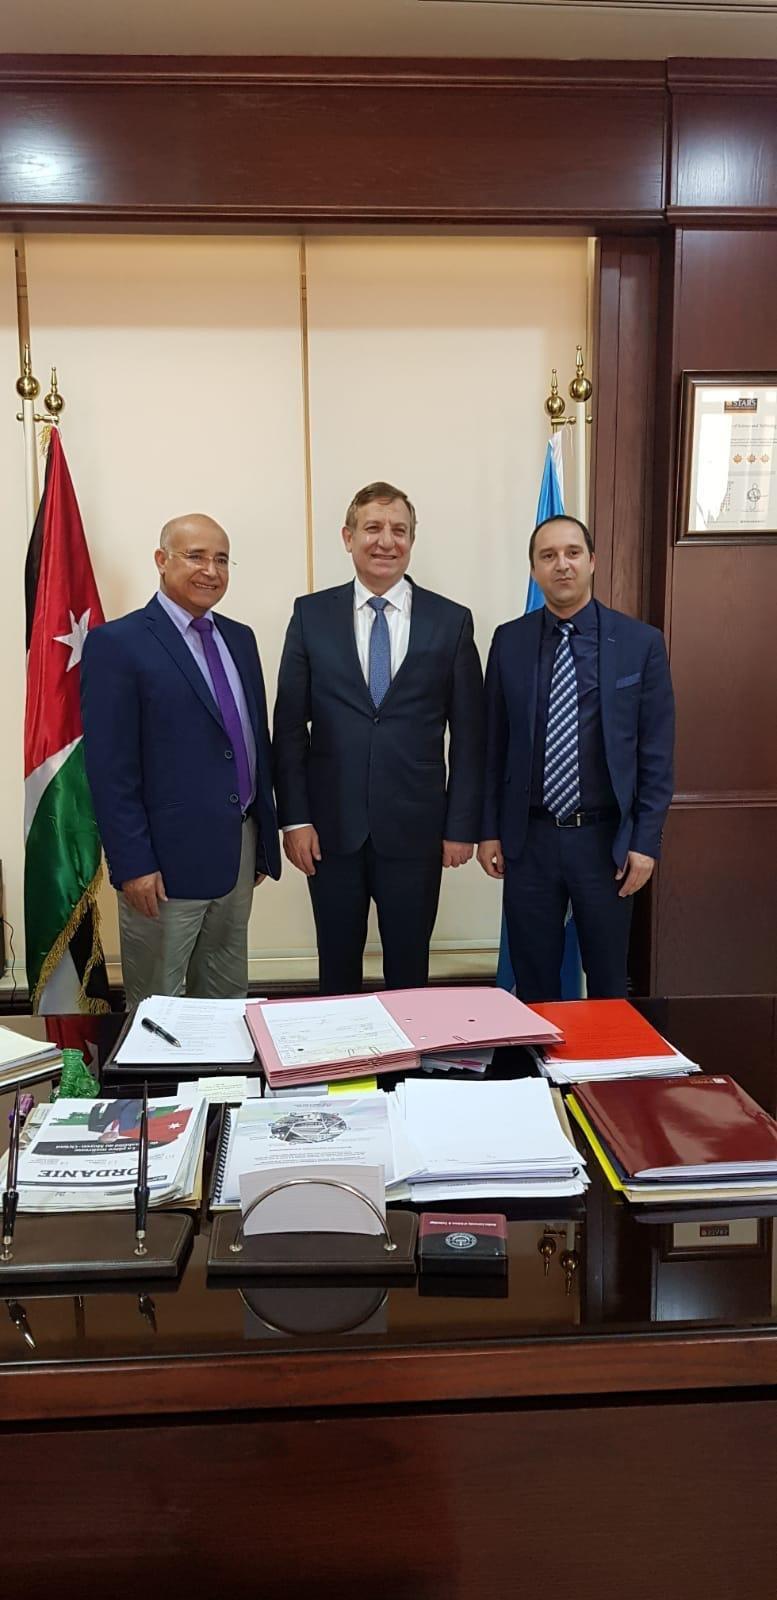 الاعتراف بدراسة الطب في الجامعات الأردنية سيتم في الأيام القريبة